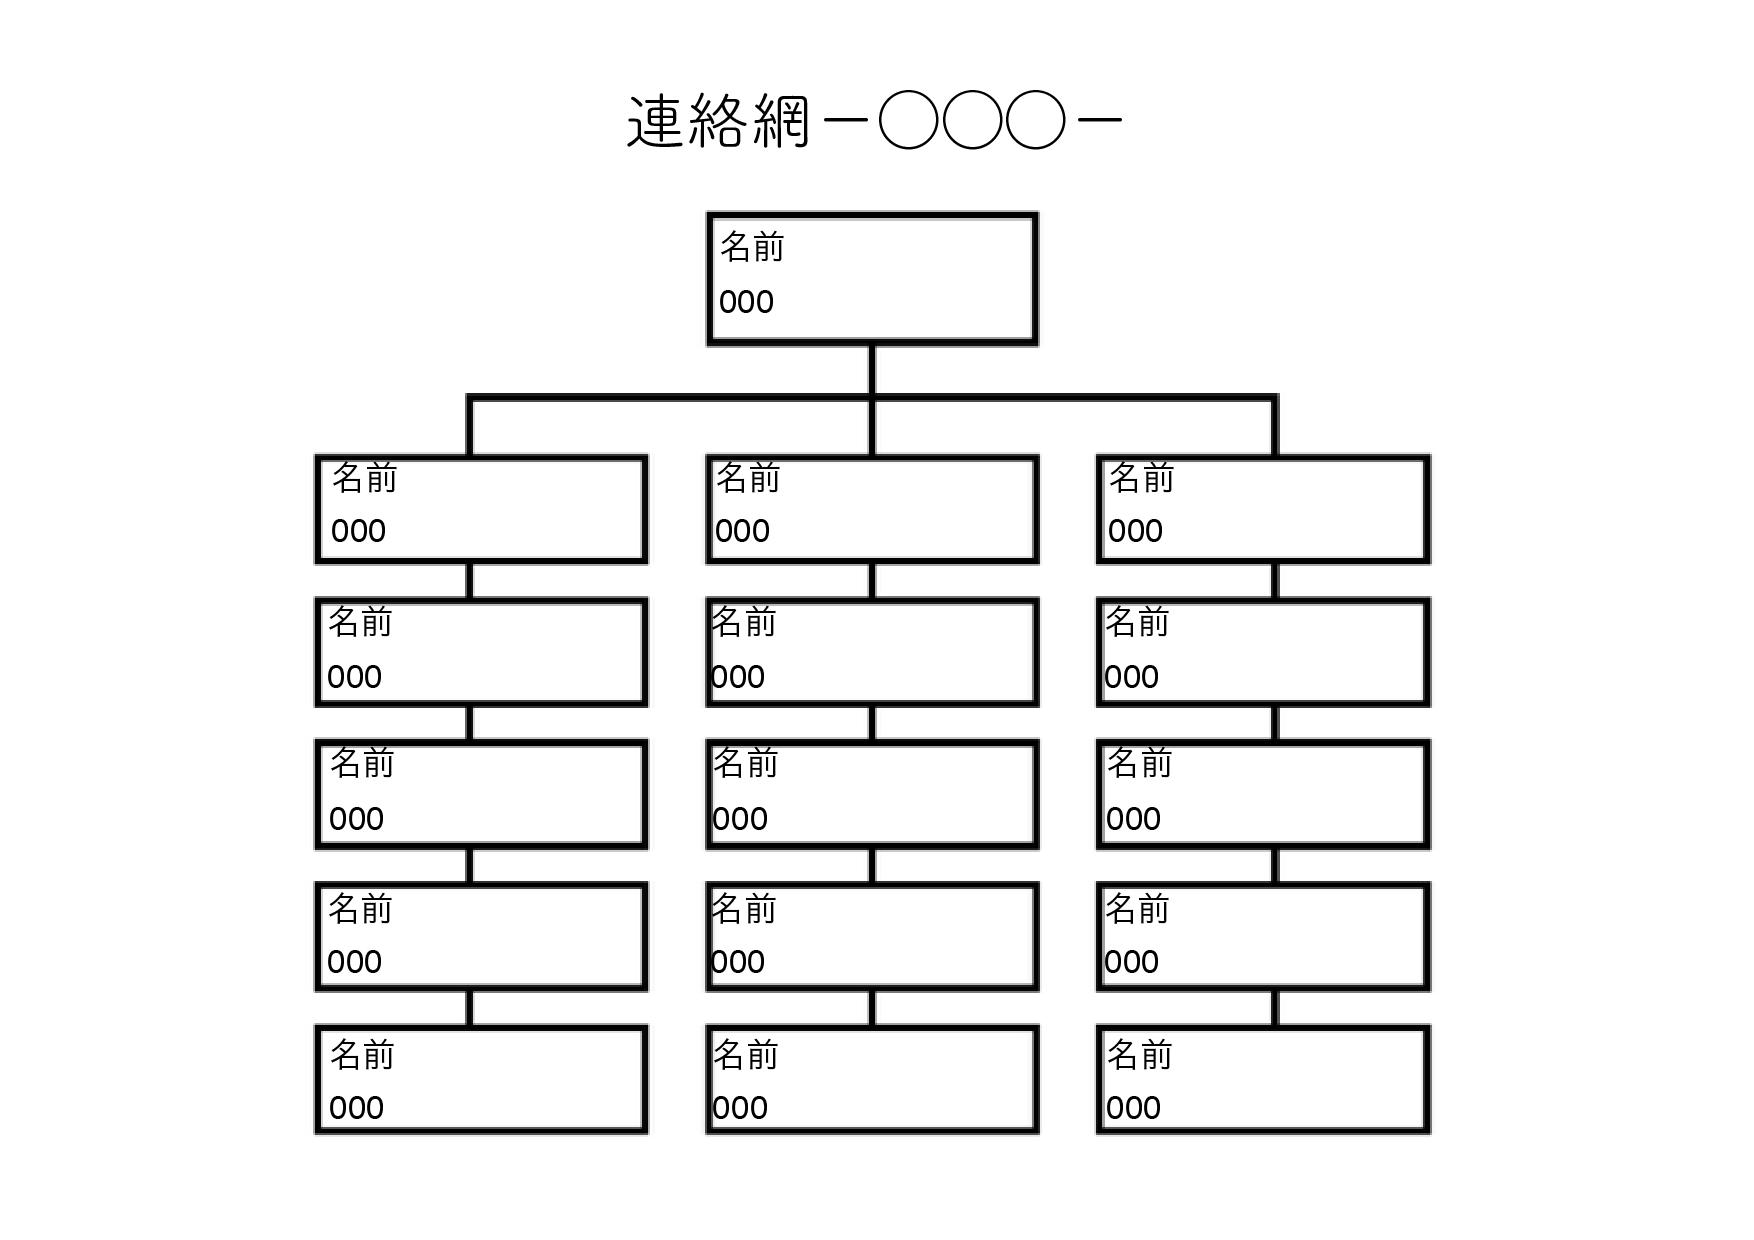 連絡網テンプレート(ワード・ページズ)基本の形 15人分+1人(大元)